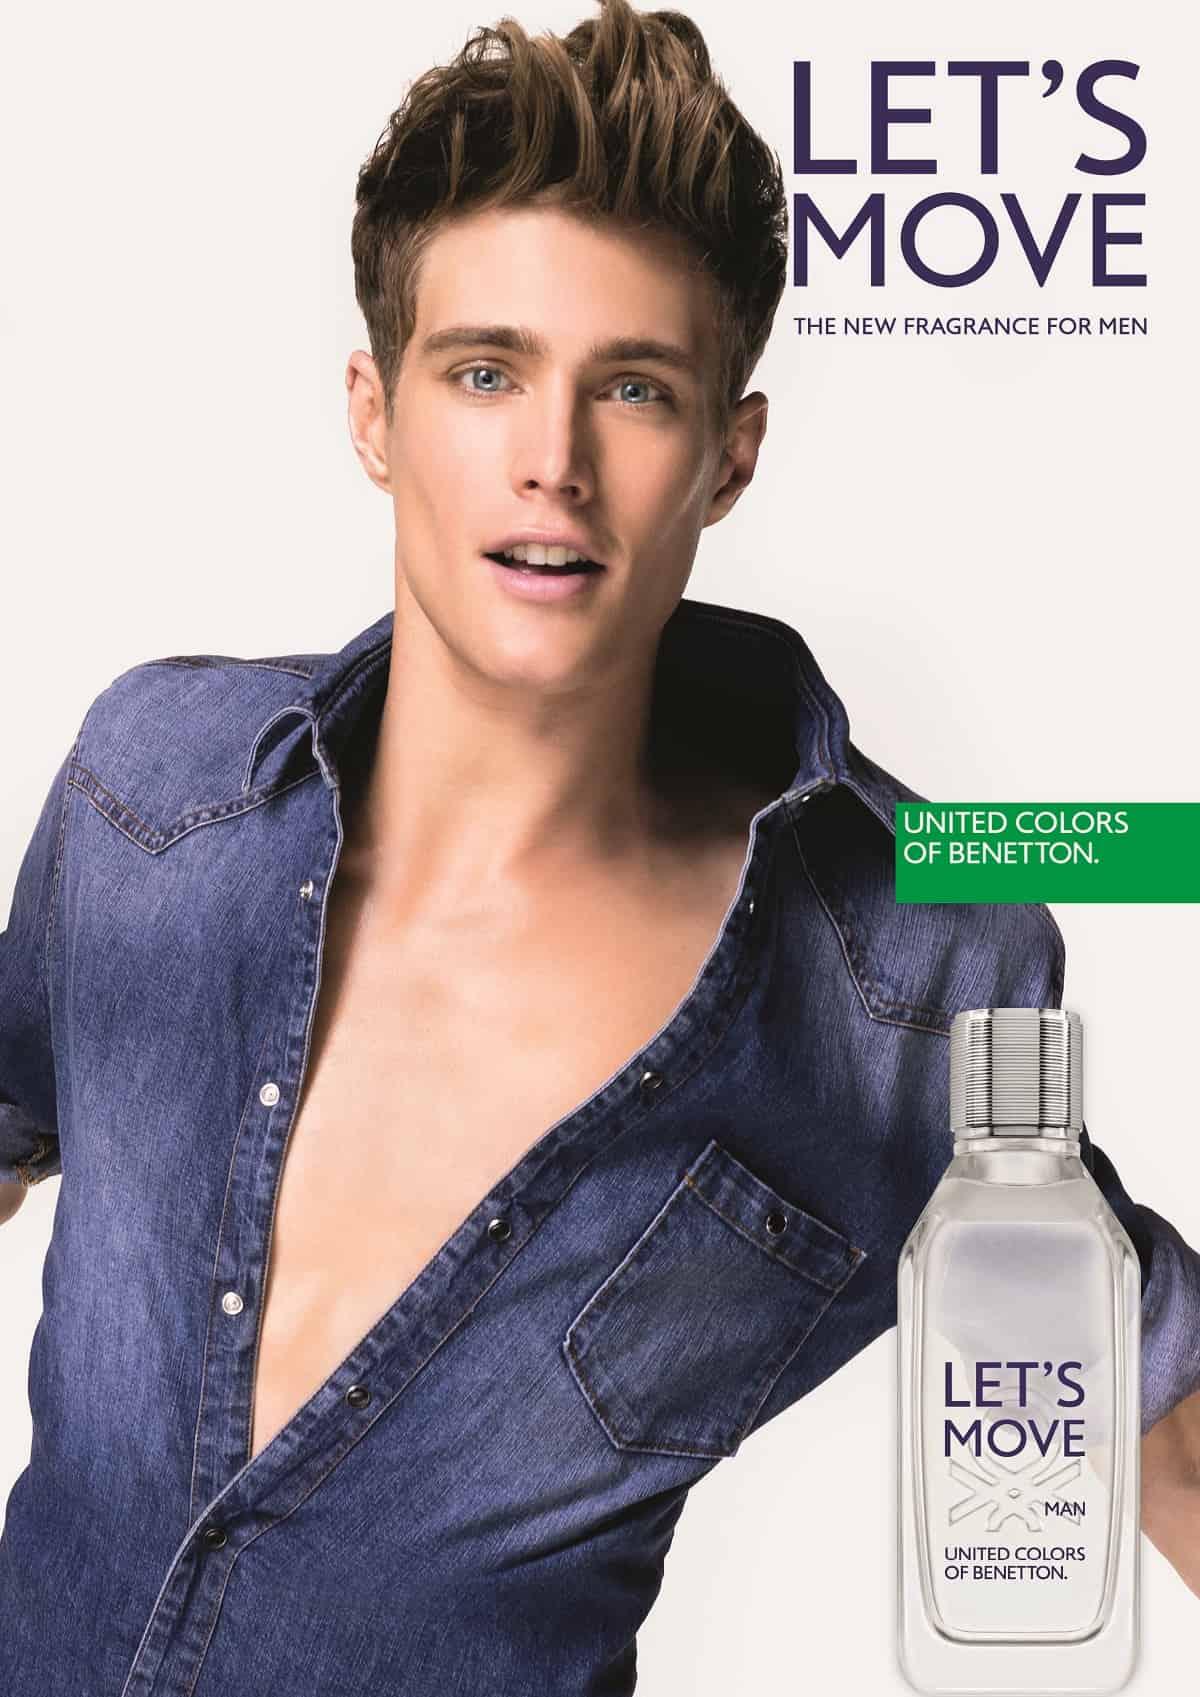 LET'S MOVE la nuova fragranza Benetton dedicata all'uomo contemporaneo